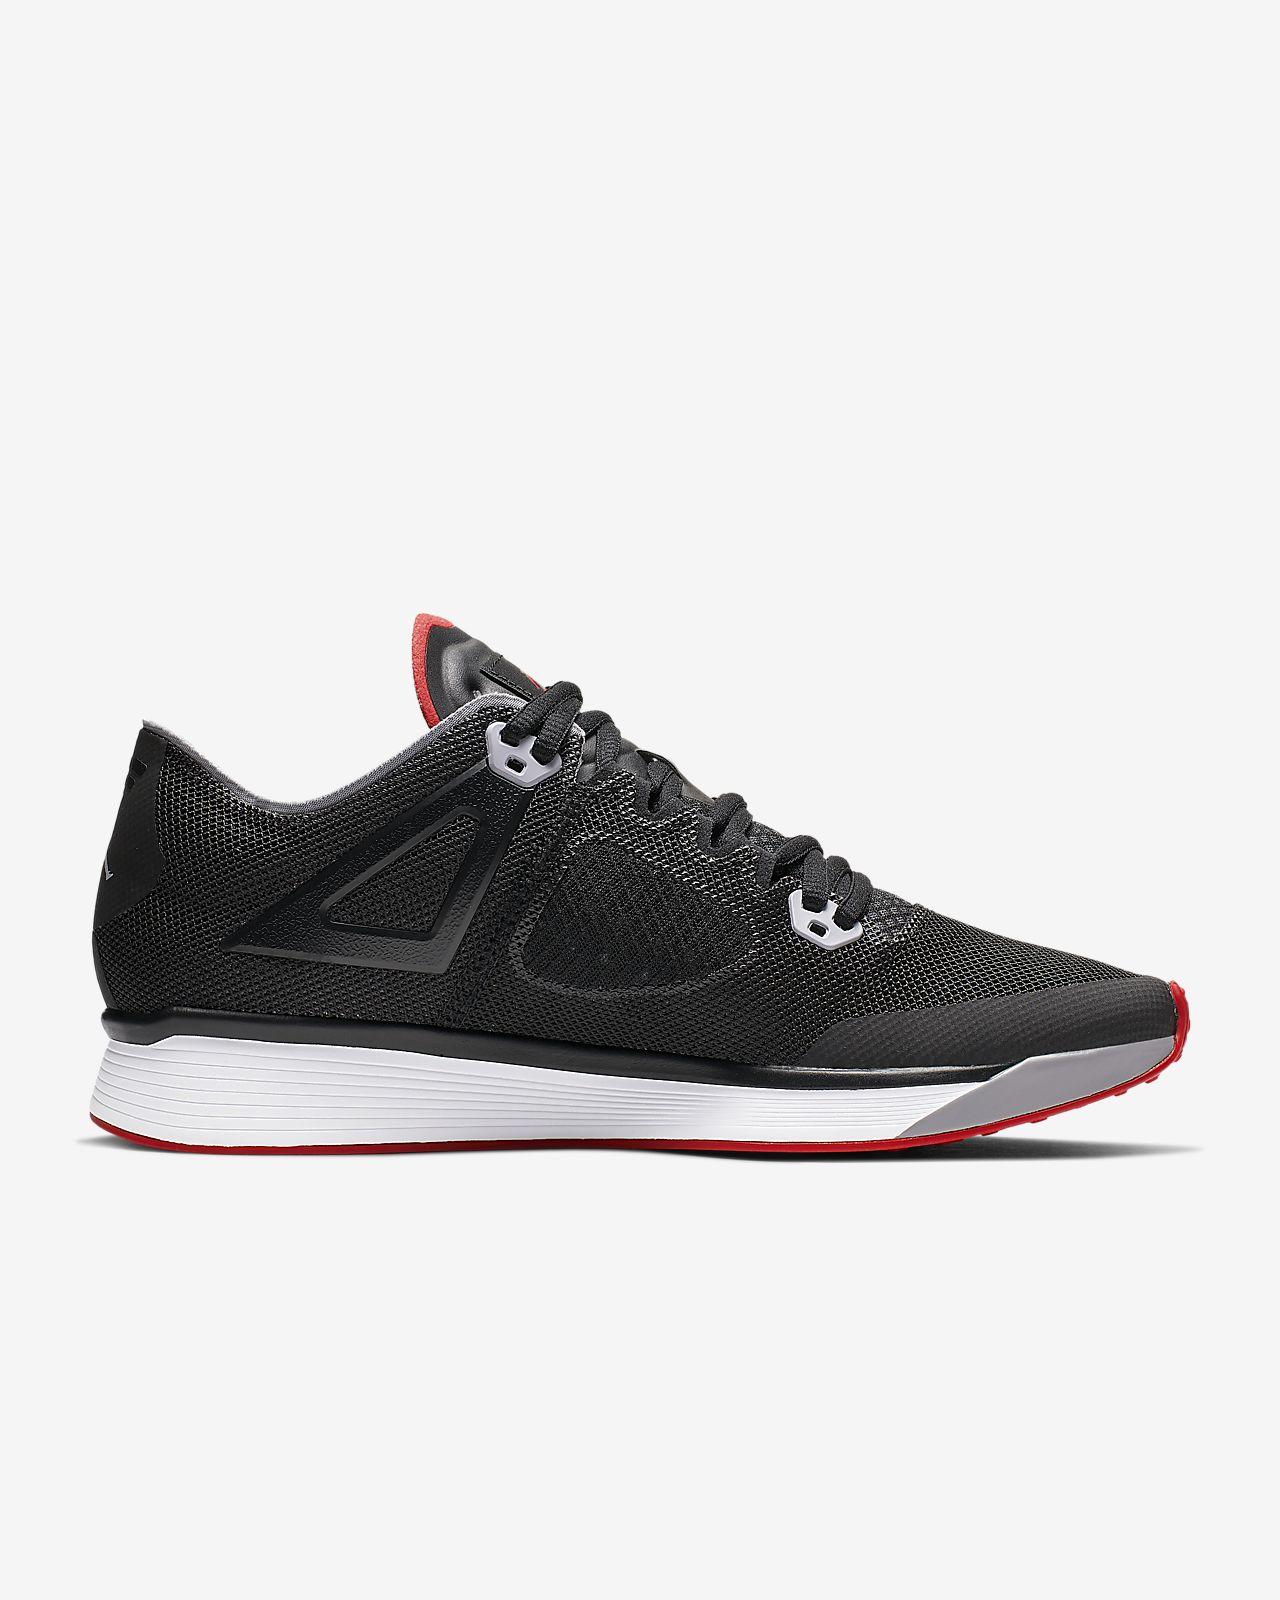 f08672b57ae4f Jordan 89 Racer Men's Training Shoe. Nike.com